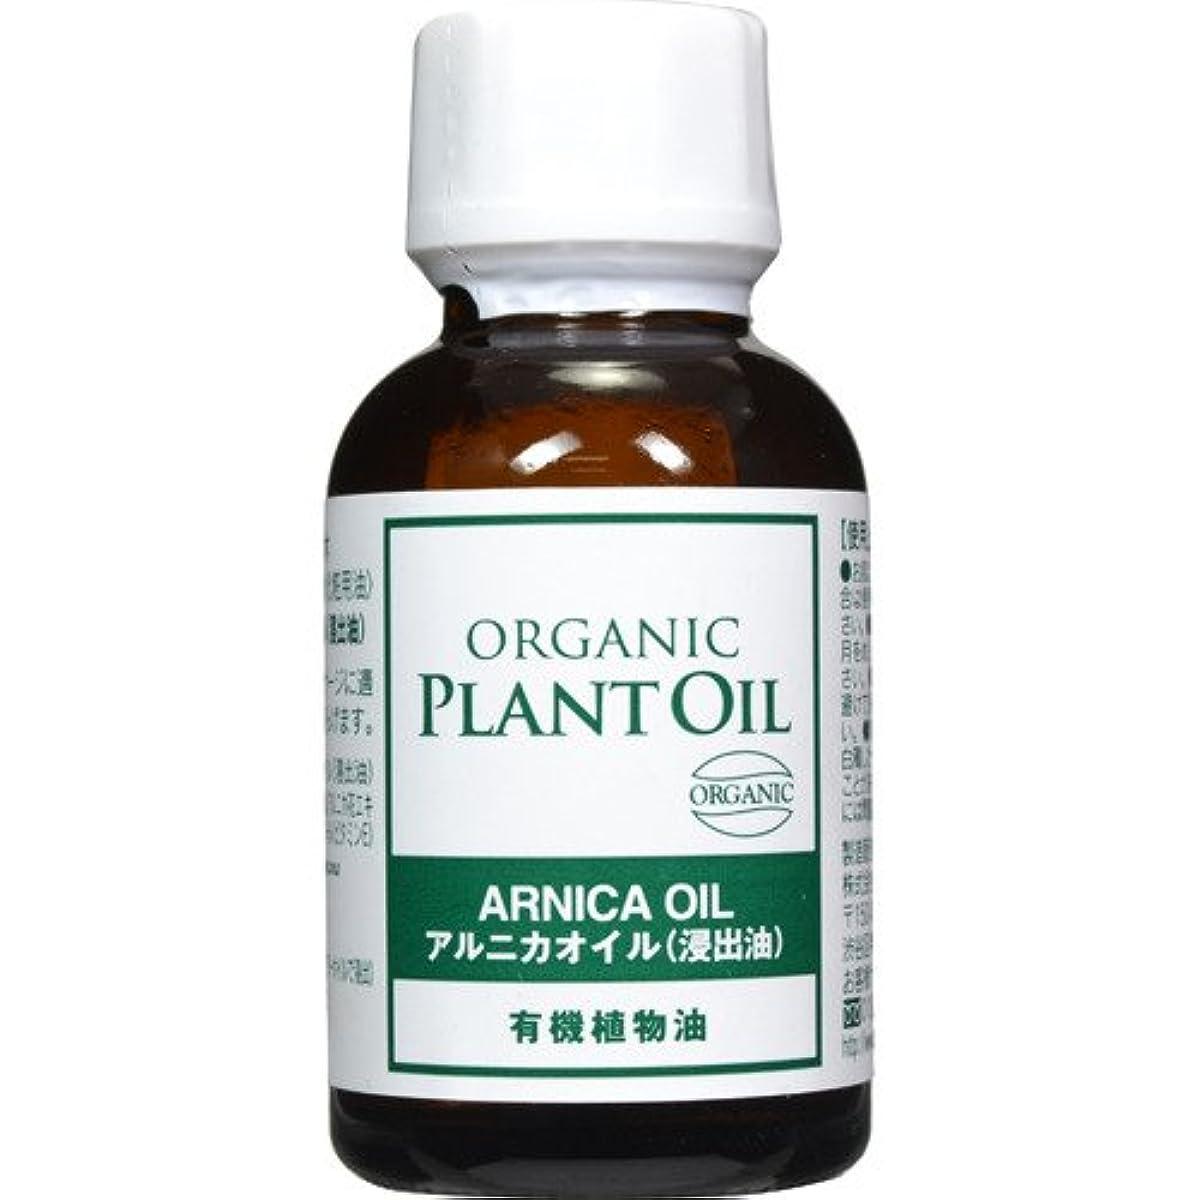 落胆した葉複雑生活の木 有機アルニカオイル(浸出油) 25ml